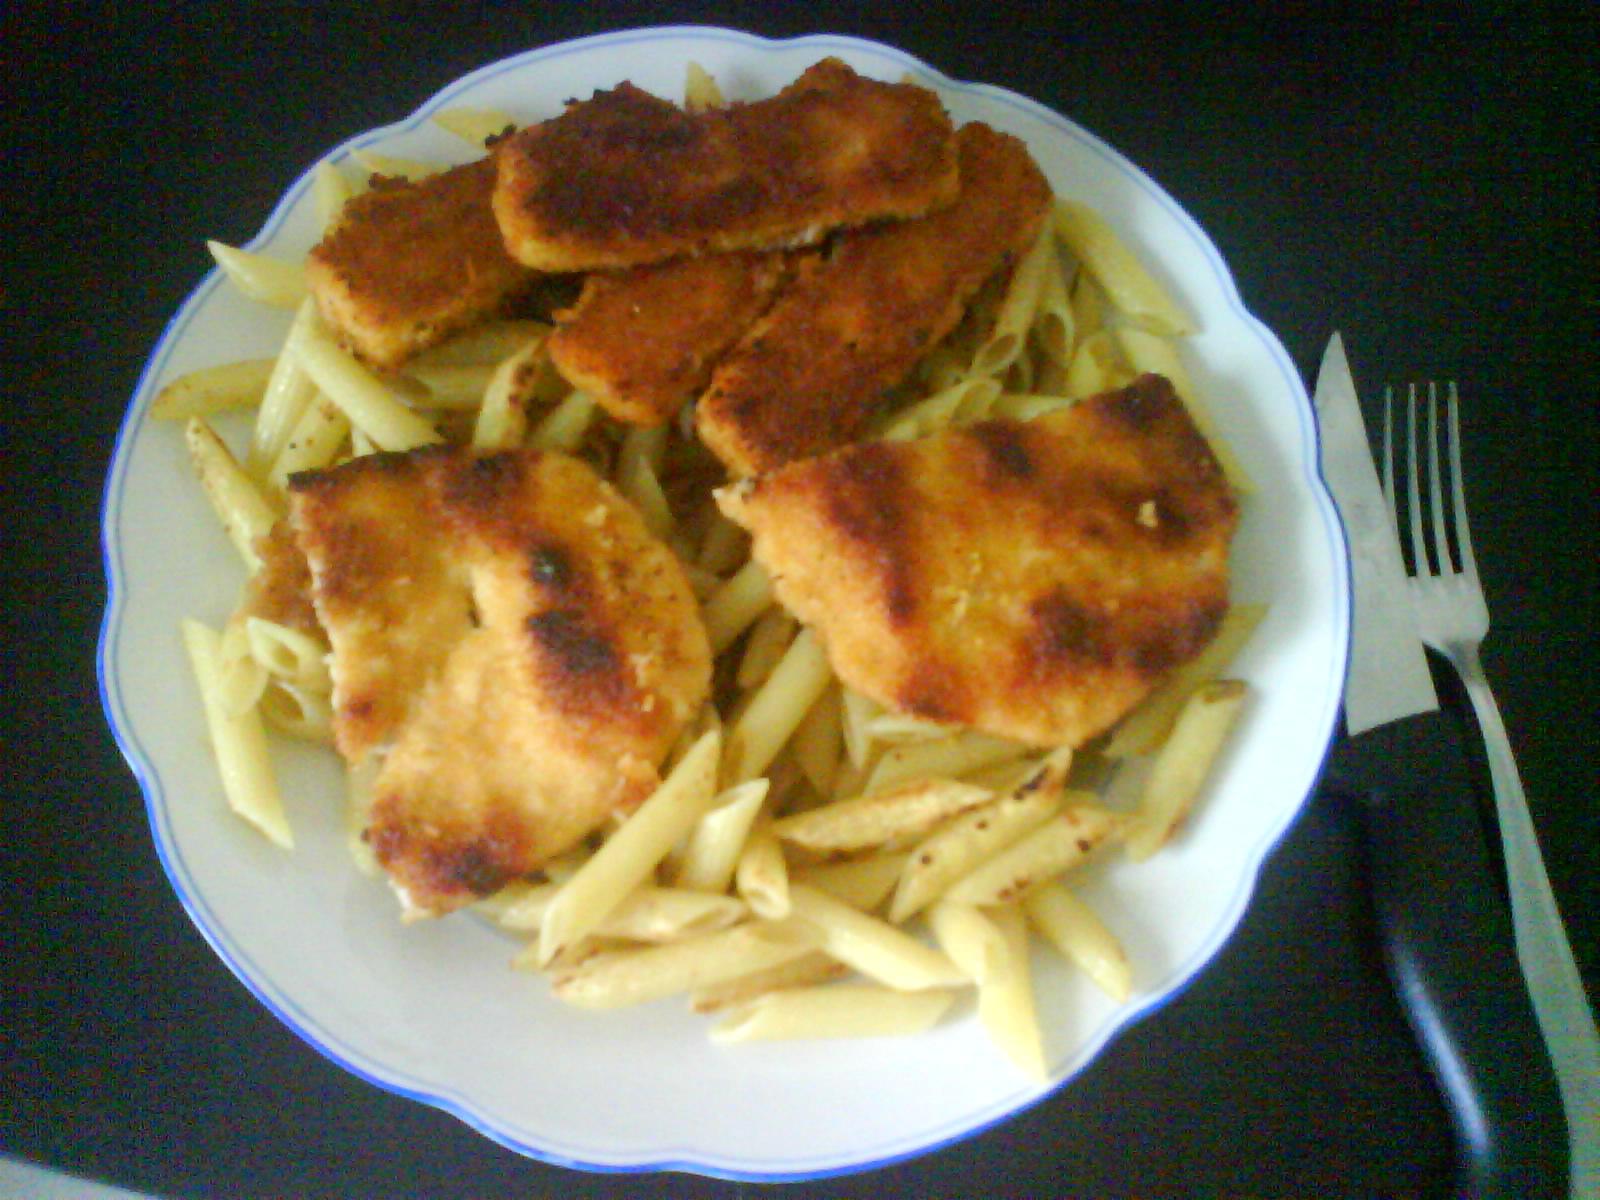 https://foodloader.net/youhardt_2008-06-08_Schnitzel_Fisch_Nudeln.jpg